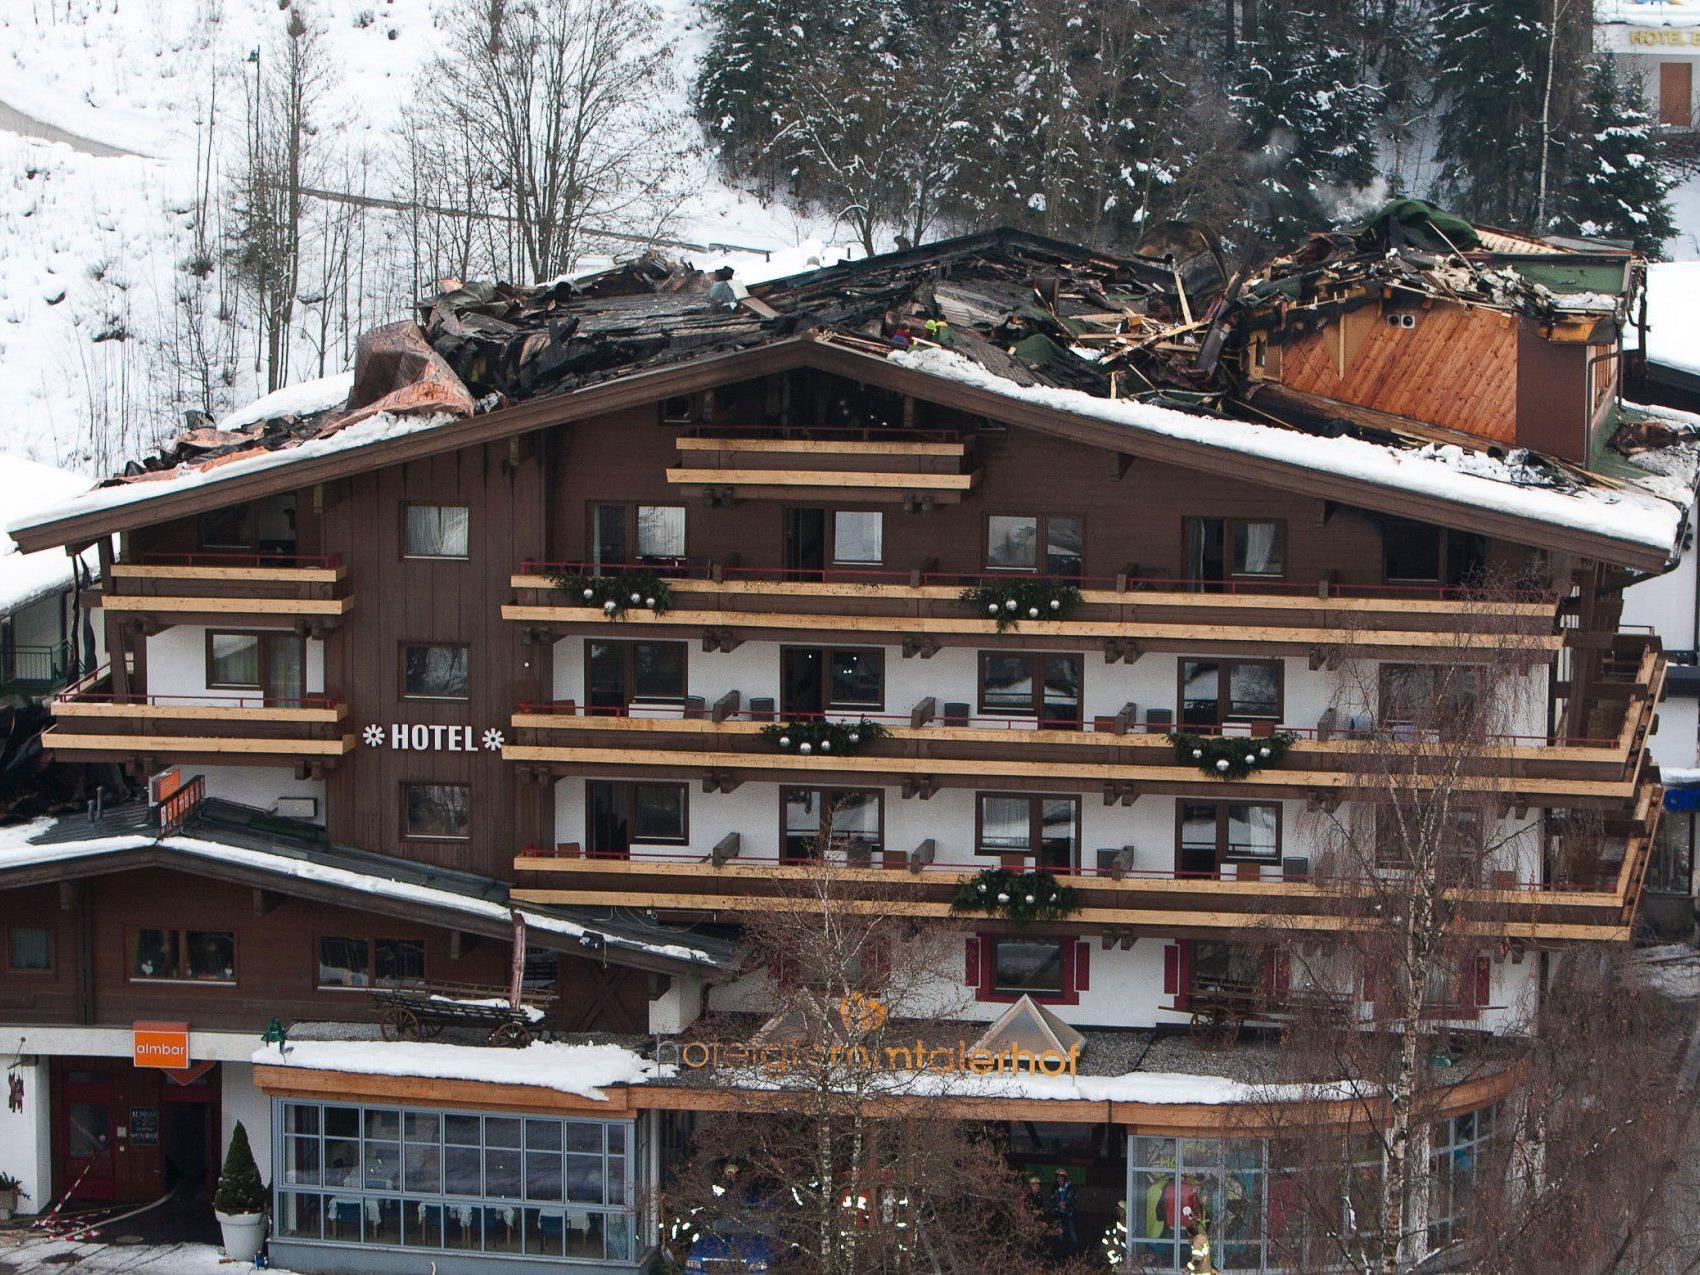 Trupps zur Bergung von Habseligkeiten gebildet - fünf Experten ermitteln die Brandursache.